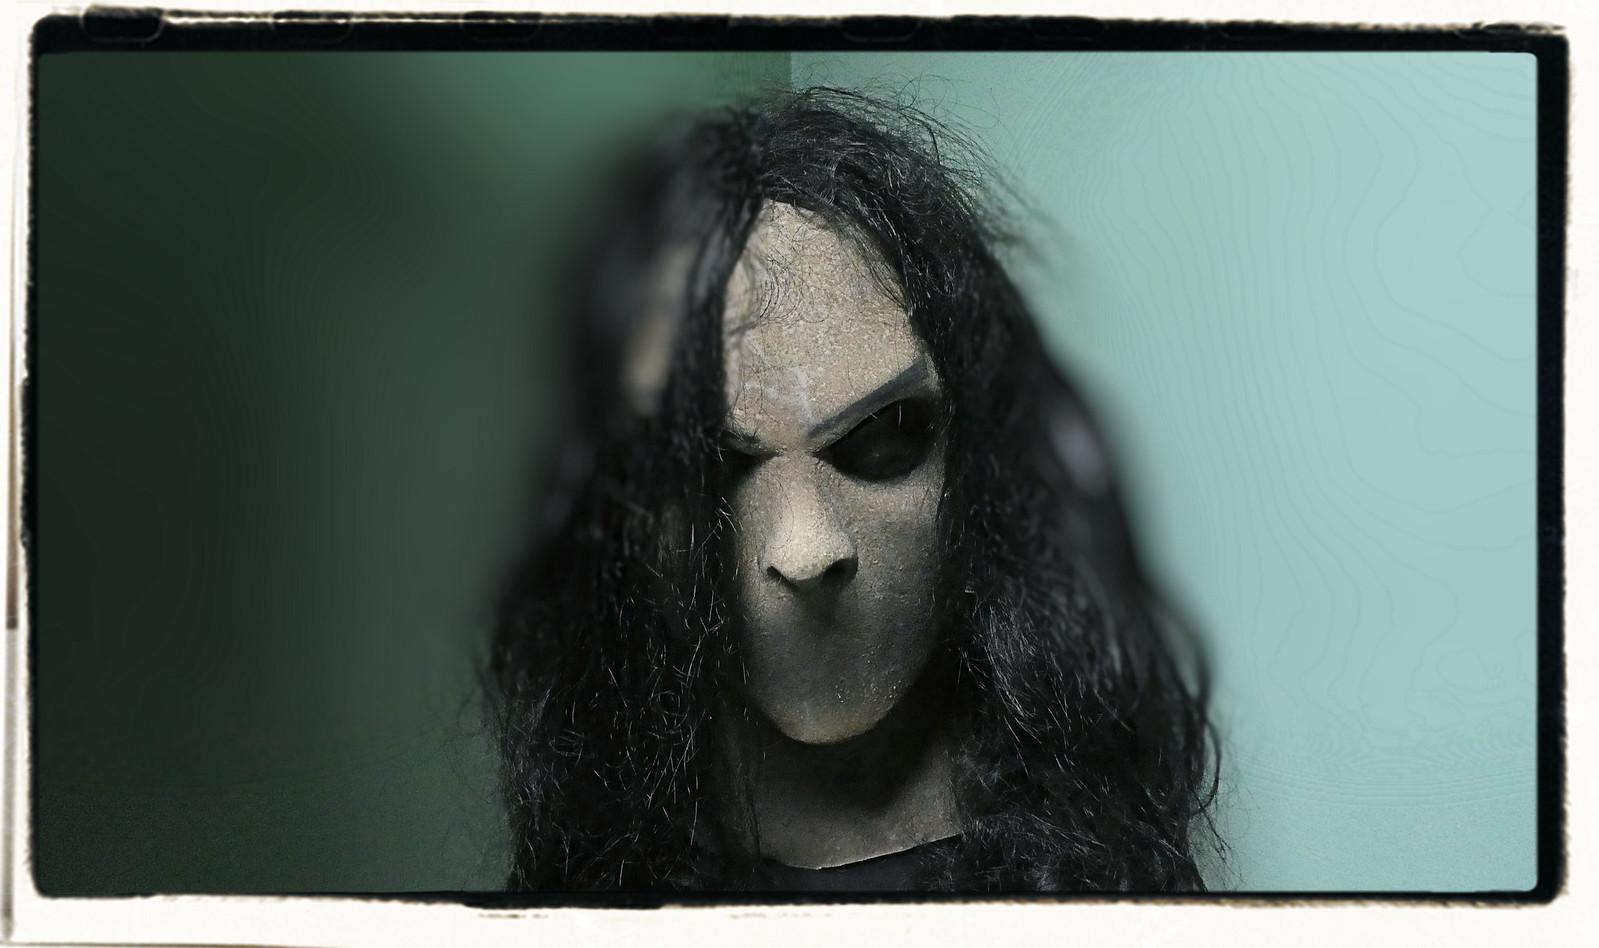 Sinister Mask From The Movie Sinister 2012 John Harrier Jr